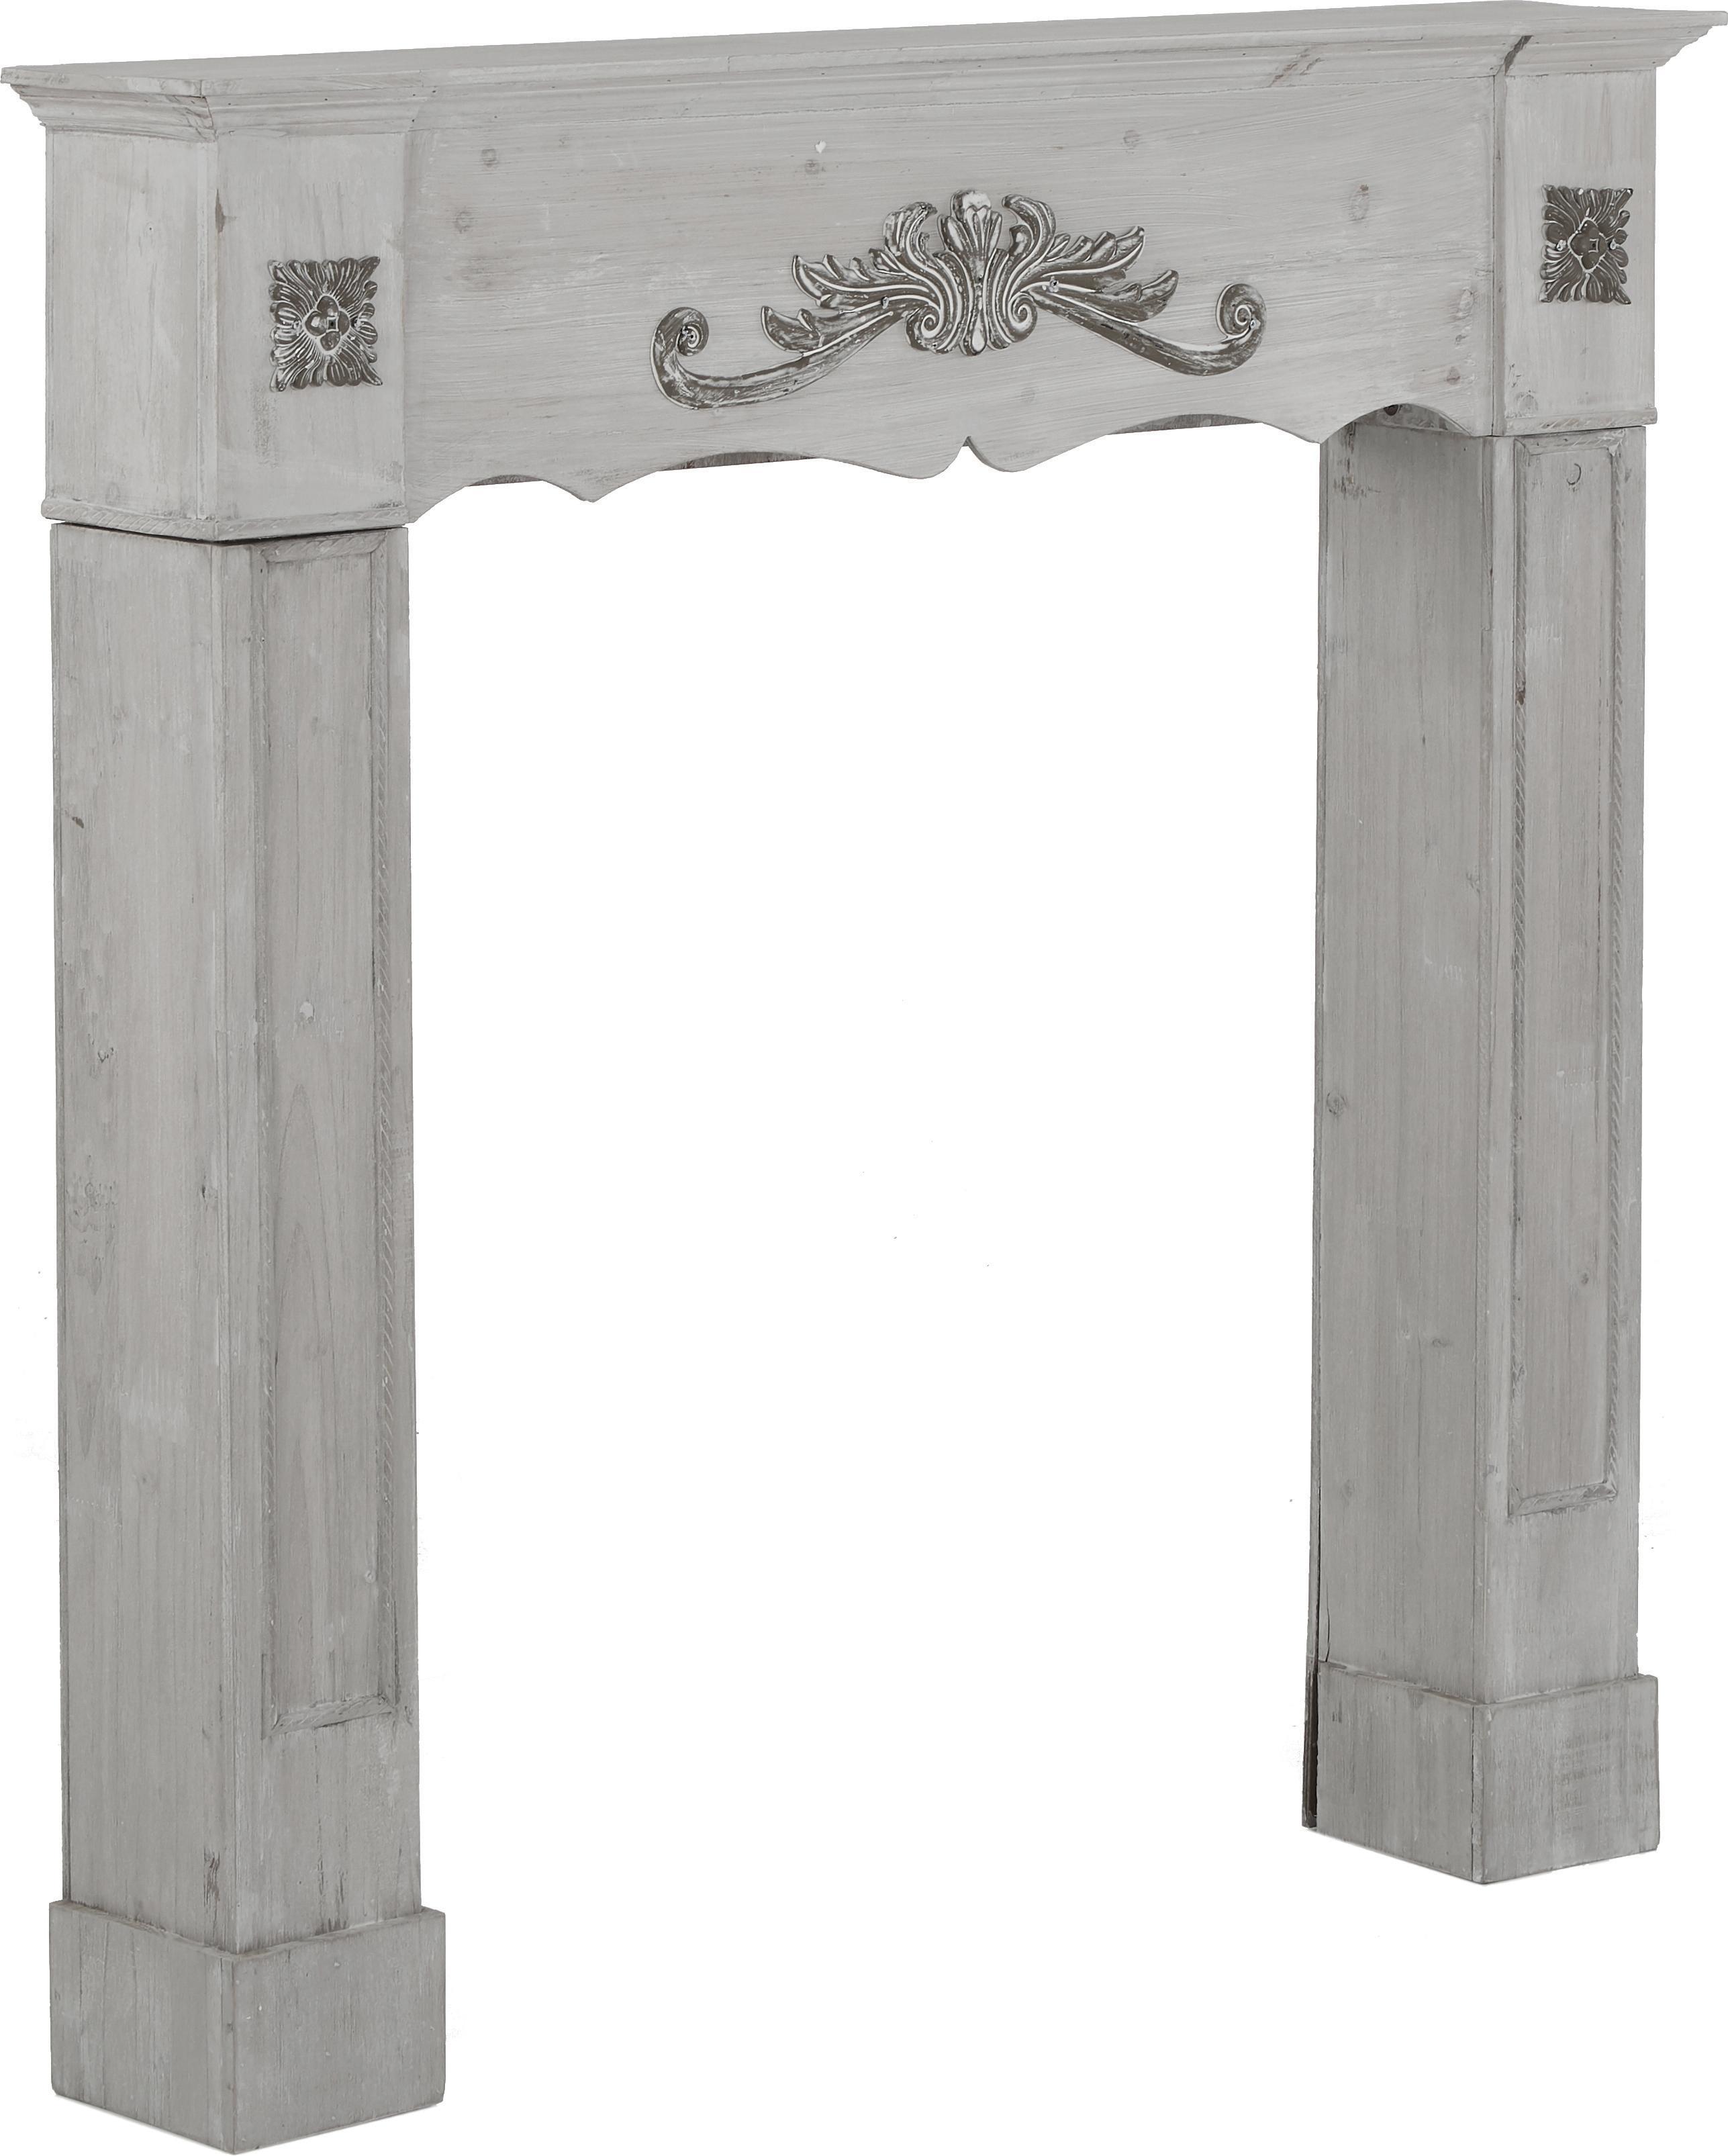 Consolle per caminetto country Menton, Pannello di fibra a media densità e legno di paulownia, verniciato, Grigio, Larg. 105 x Prof. 18 cm